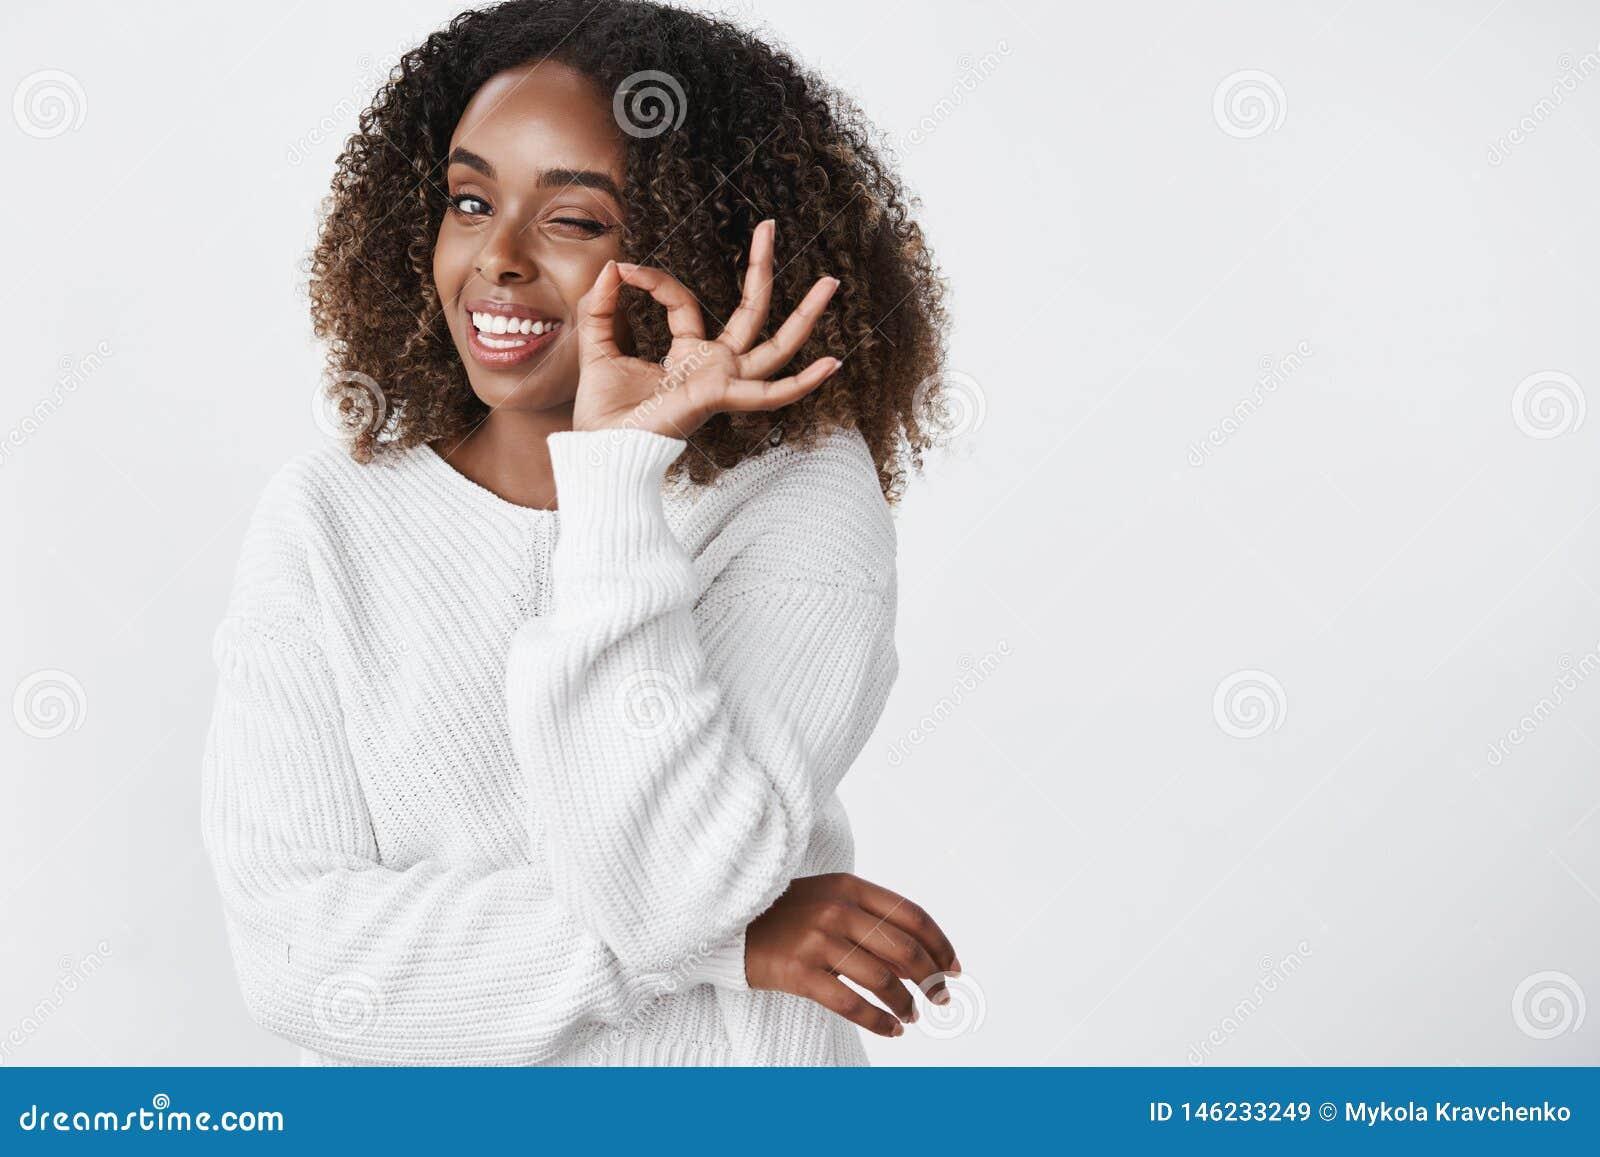 腰部被射击温暖的毛线衣的轻松和寒冷的悦目深色皮肤的妇女得到了冬天季节在控制下